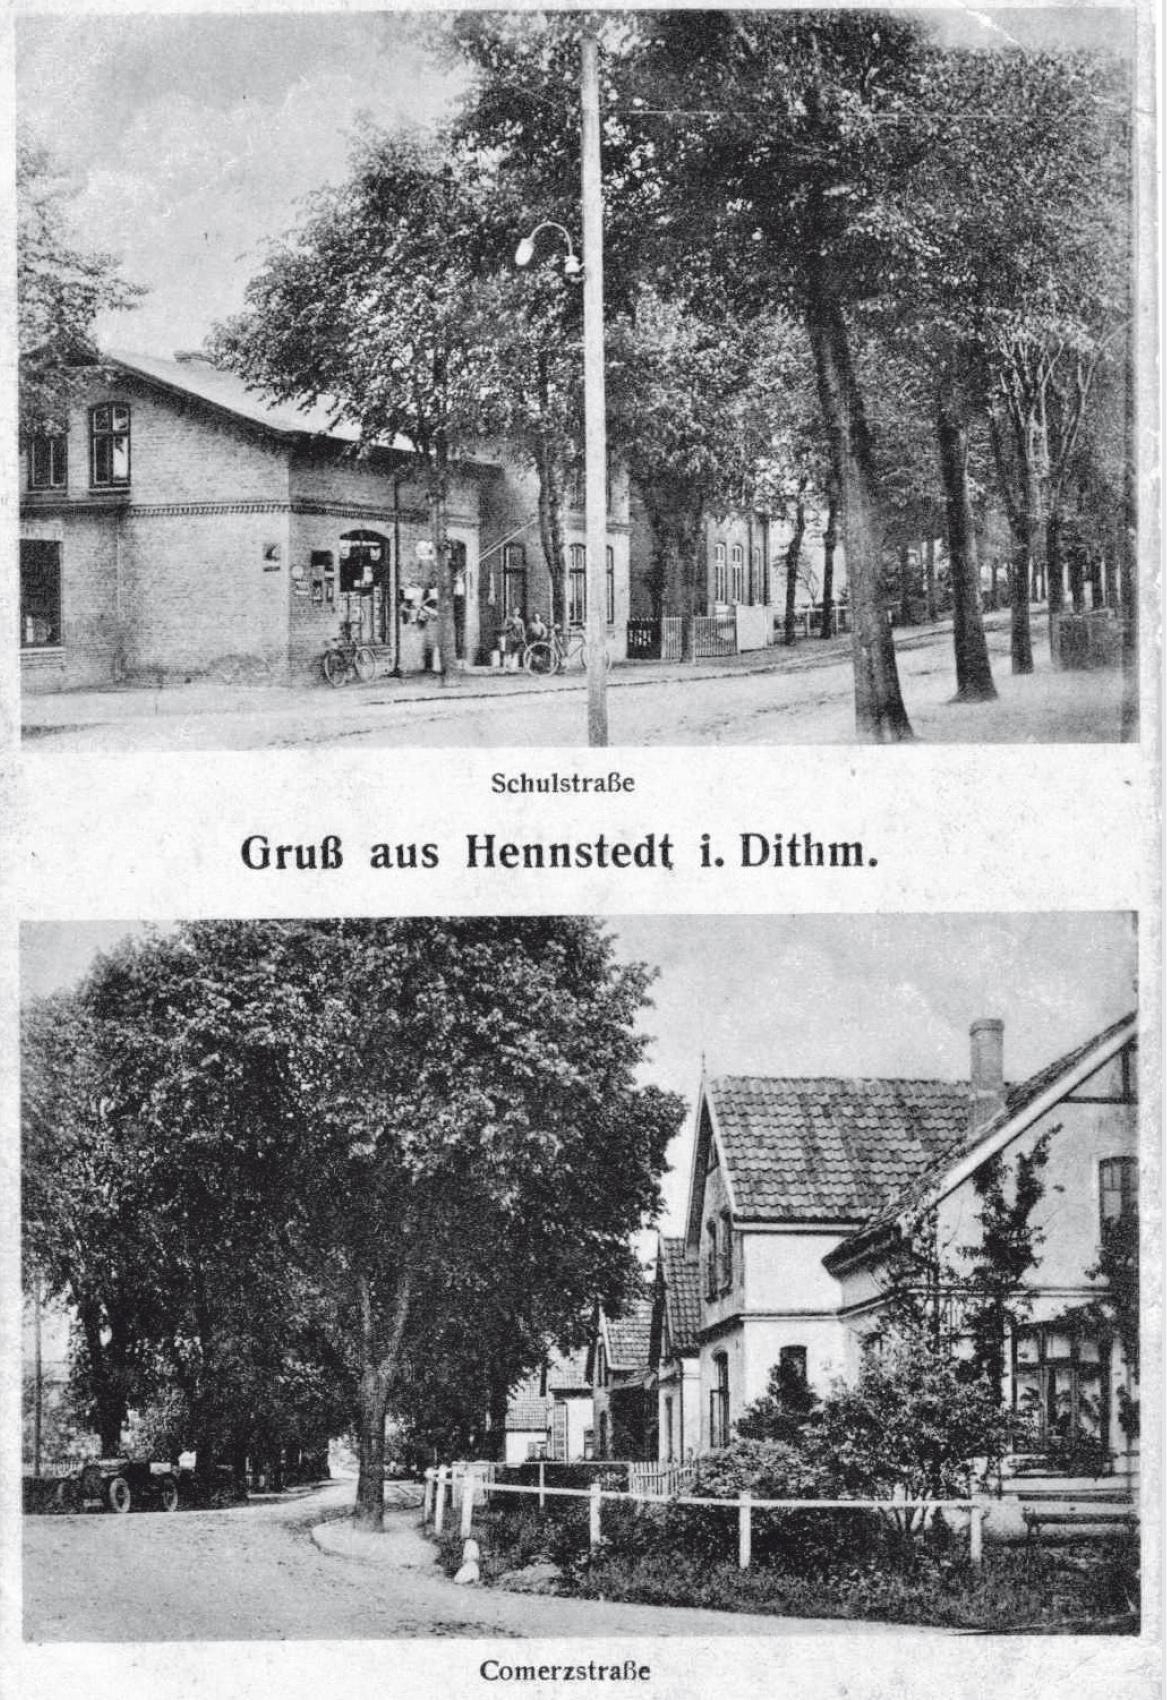 dorf_bilder/Chronik-Hennstedt-311-3.jpg